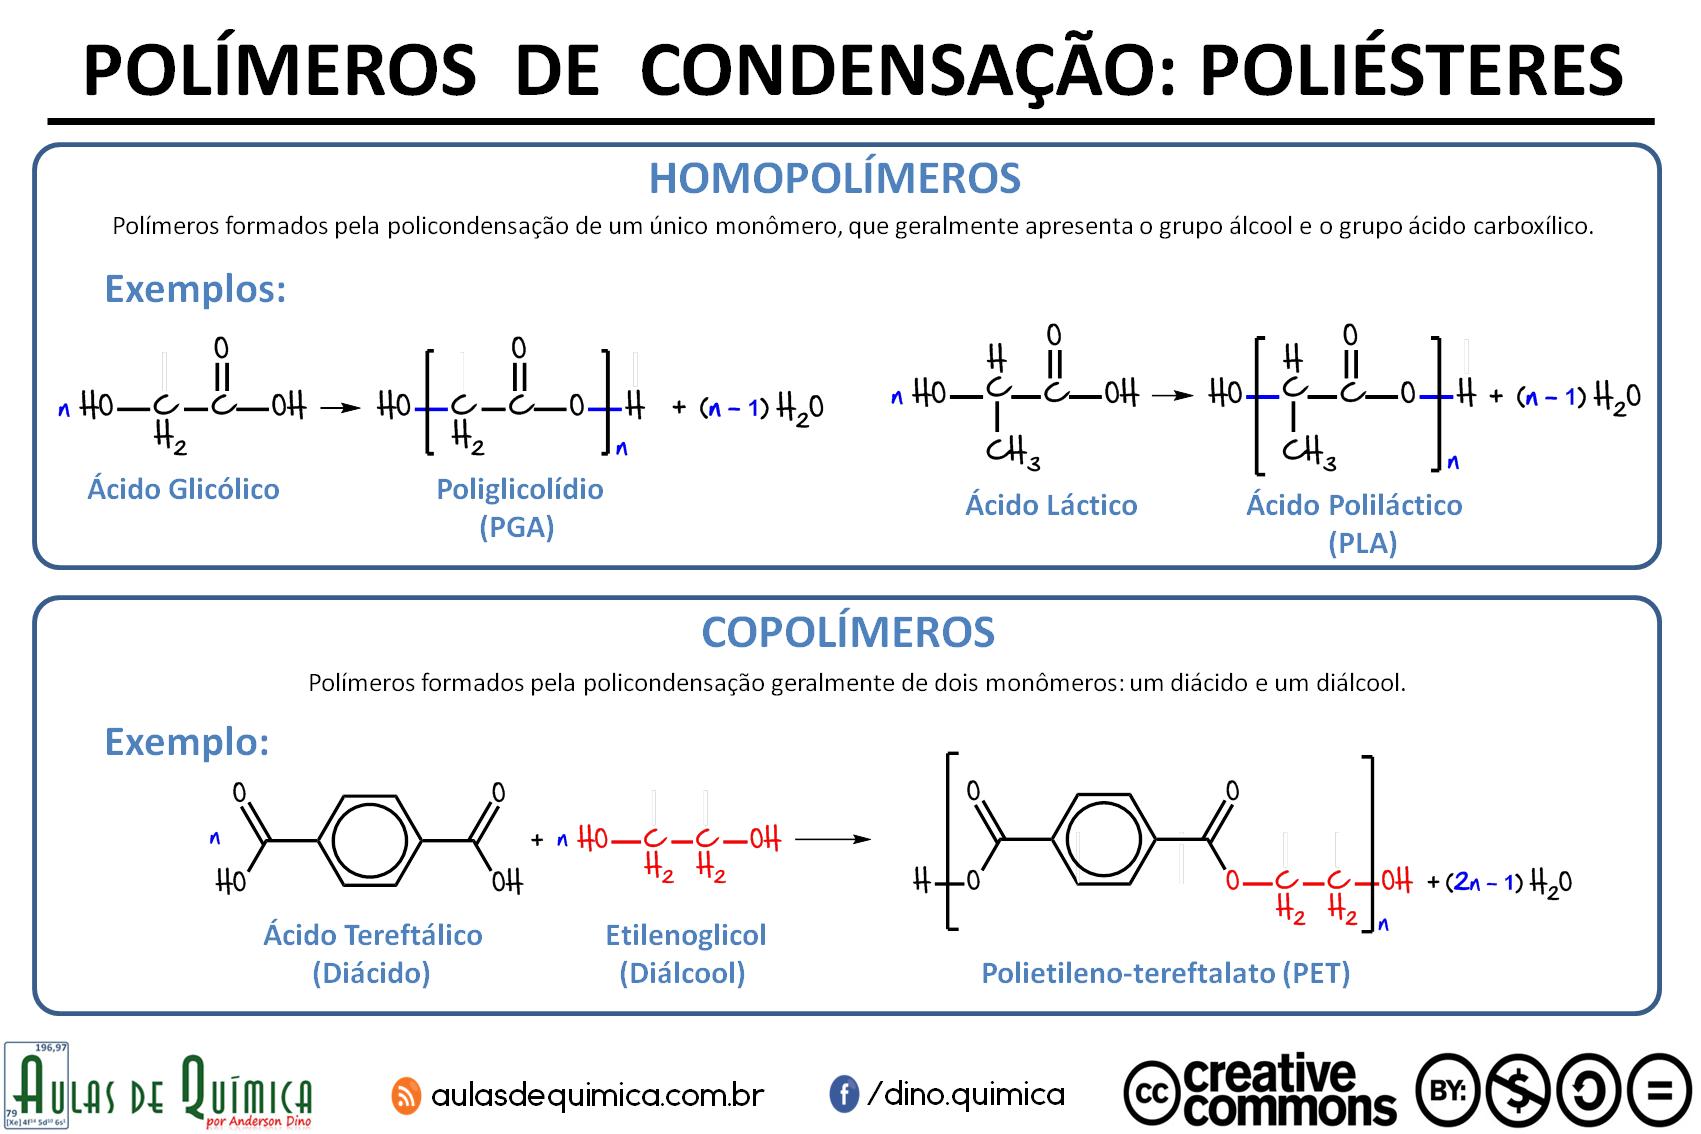 Infográfico sobre Poliésteres - criado por Anderson Dino para o site Aulas de Química - www.aulasdequimica.com.br